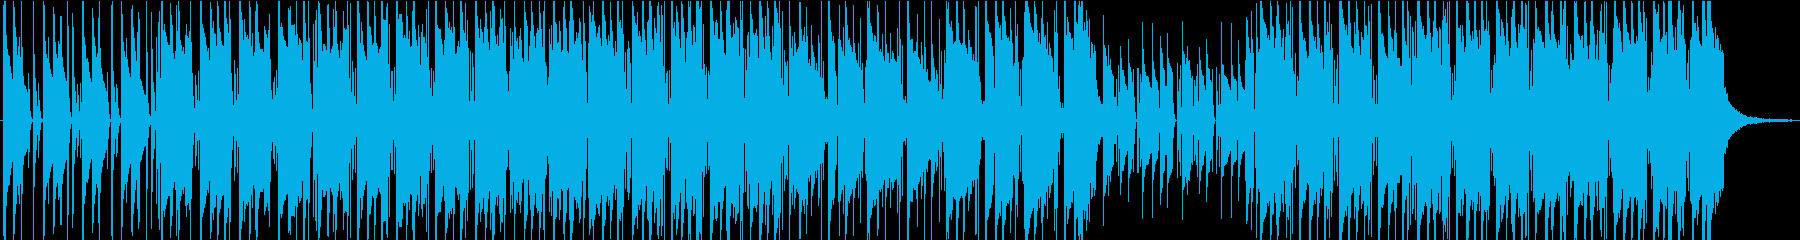 ファンク おしゃれ 不思議 奇妙 ...の再生済みの波形